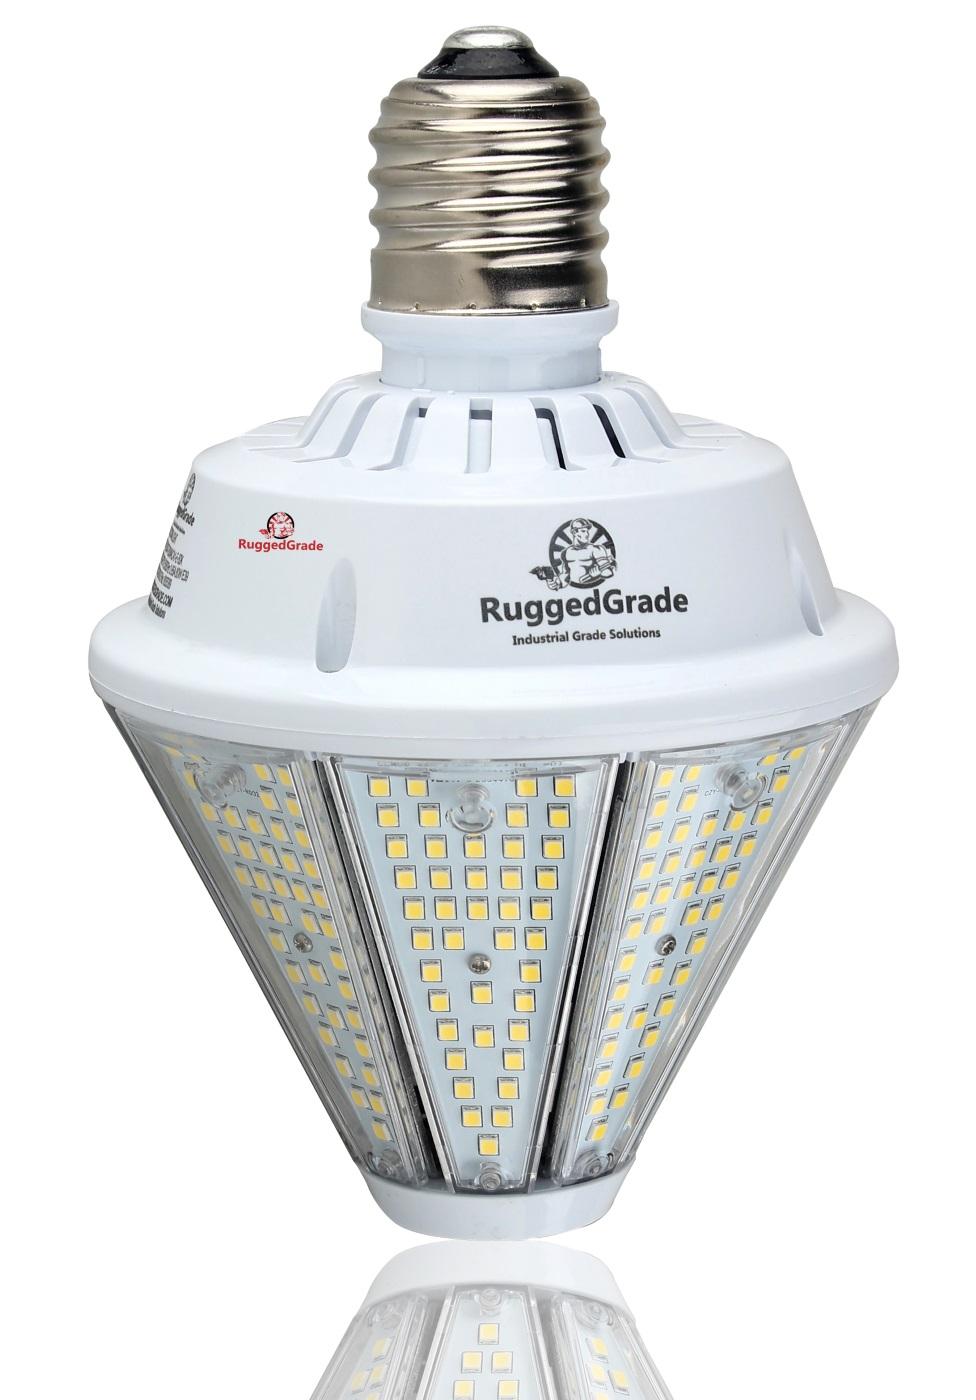 Best Light Bulbs For Bathroom: REVERSIBLE! 9,800 Lumen